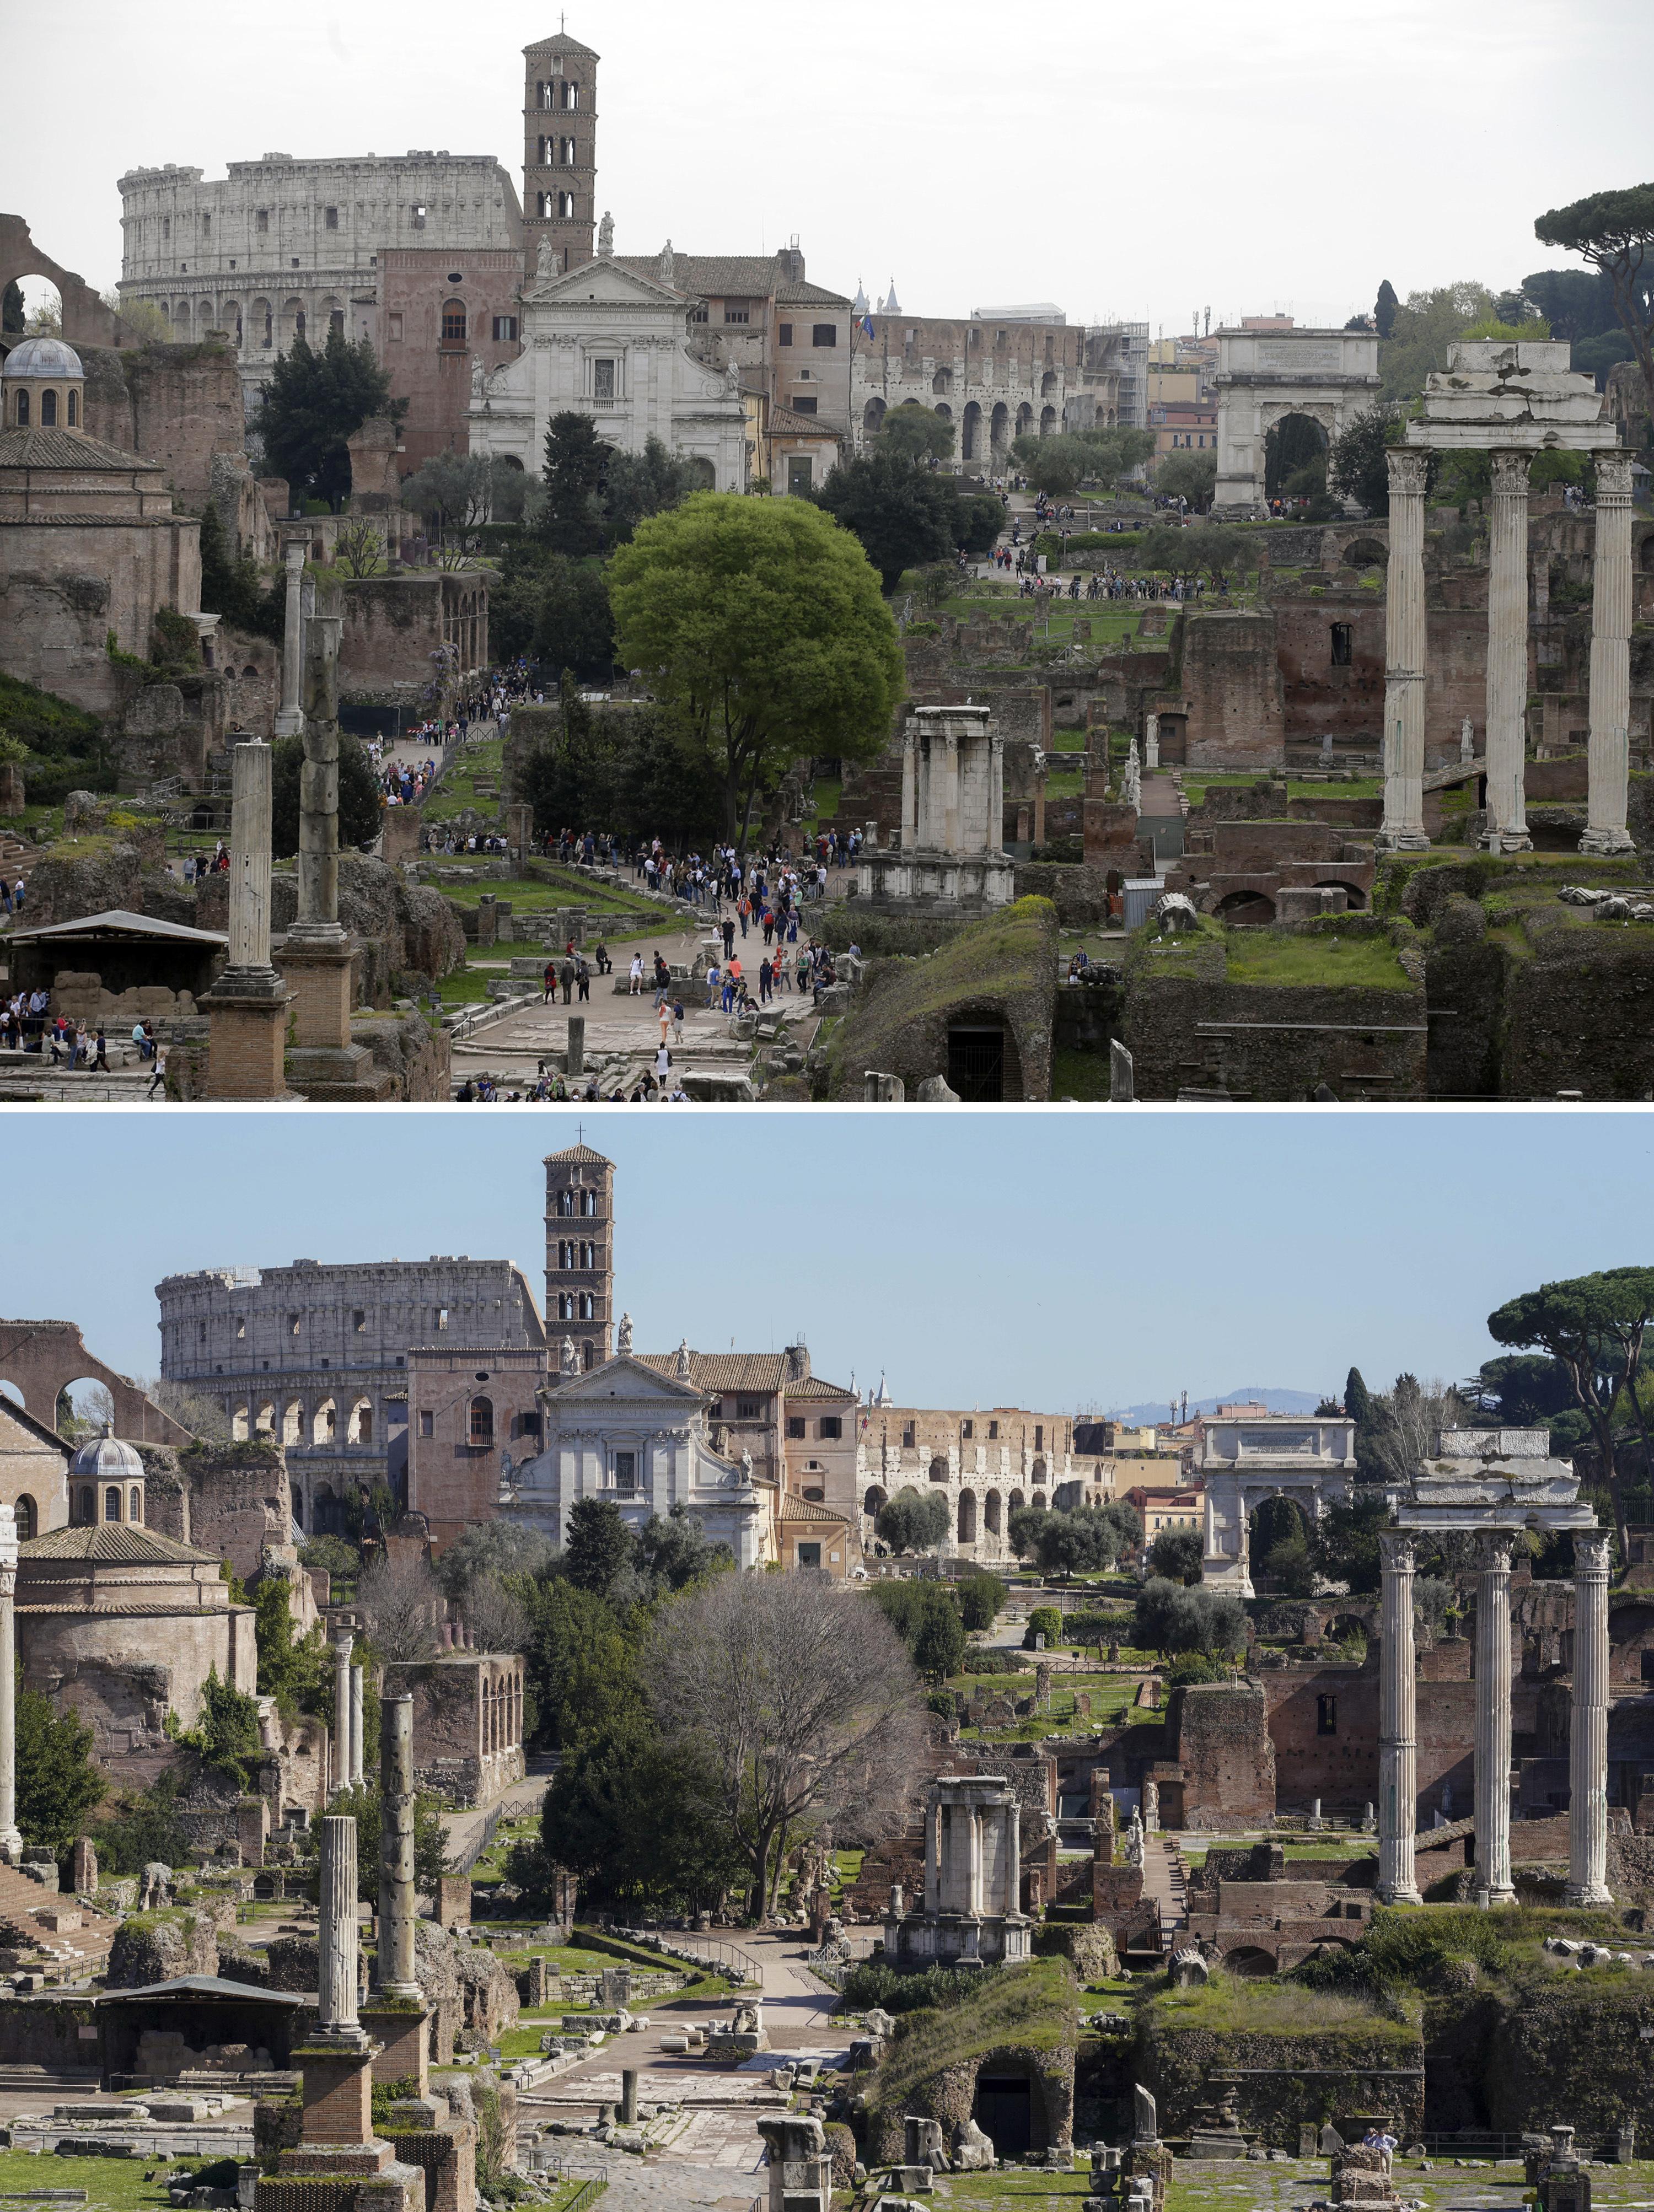 ARCHIVO - En esta imagen combinada, turistas visitando el antiguo Foro de Roma y el Colíseo, en Roma, a las 18:23 del viernes 17 de abril de 2015, arriba, y a las 13:00 del miércoles 11 de marzo de 2020. (AP Foto/Gregorio Borgia/Andrew Medichini)